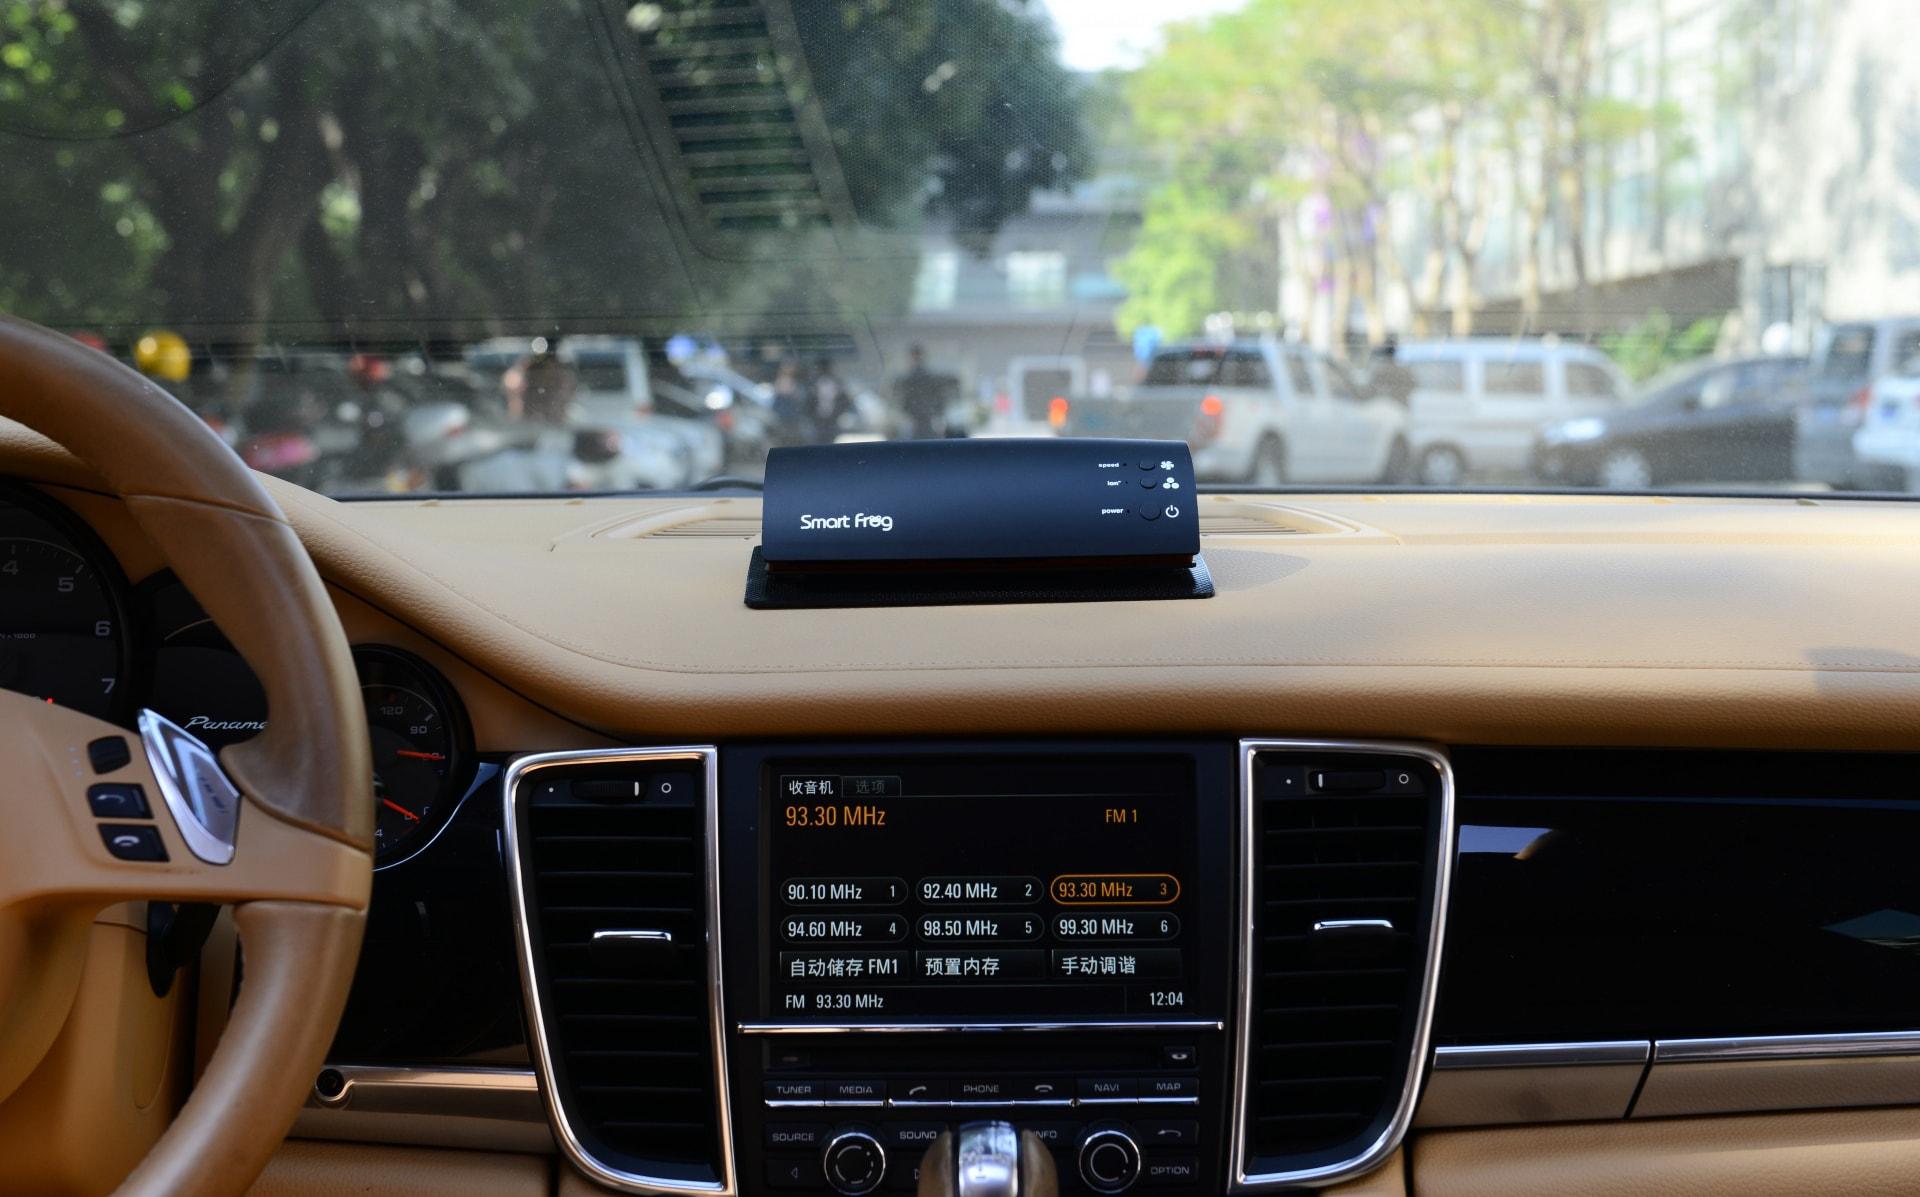 thiết bị lọc không khí ô tô smart frog